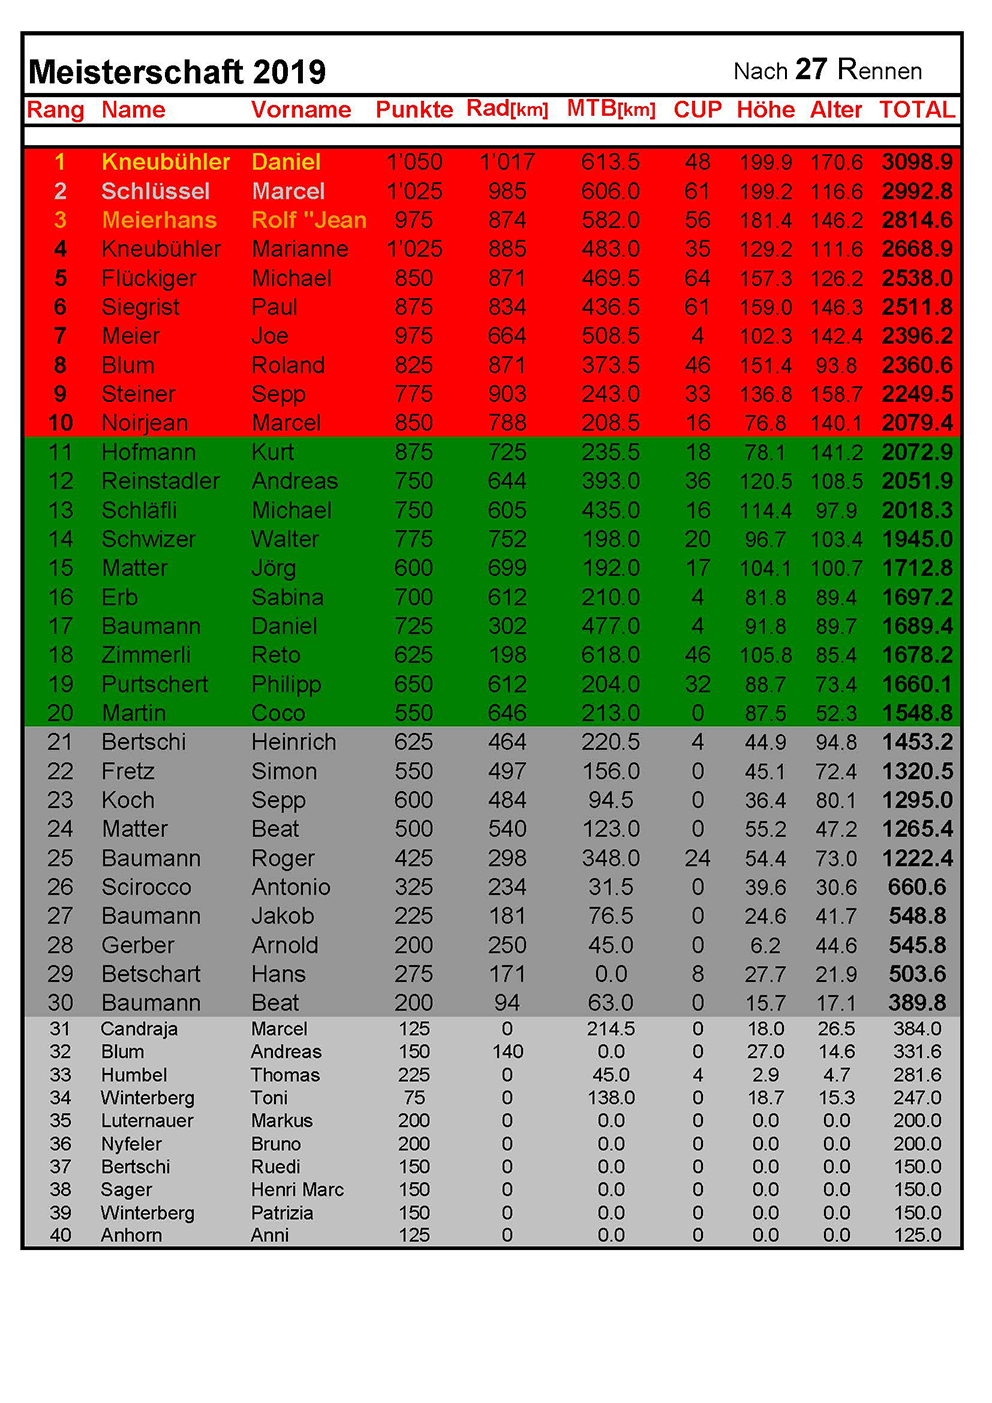 Rangliste2019 - nach 27Rennen